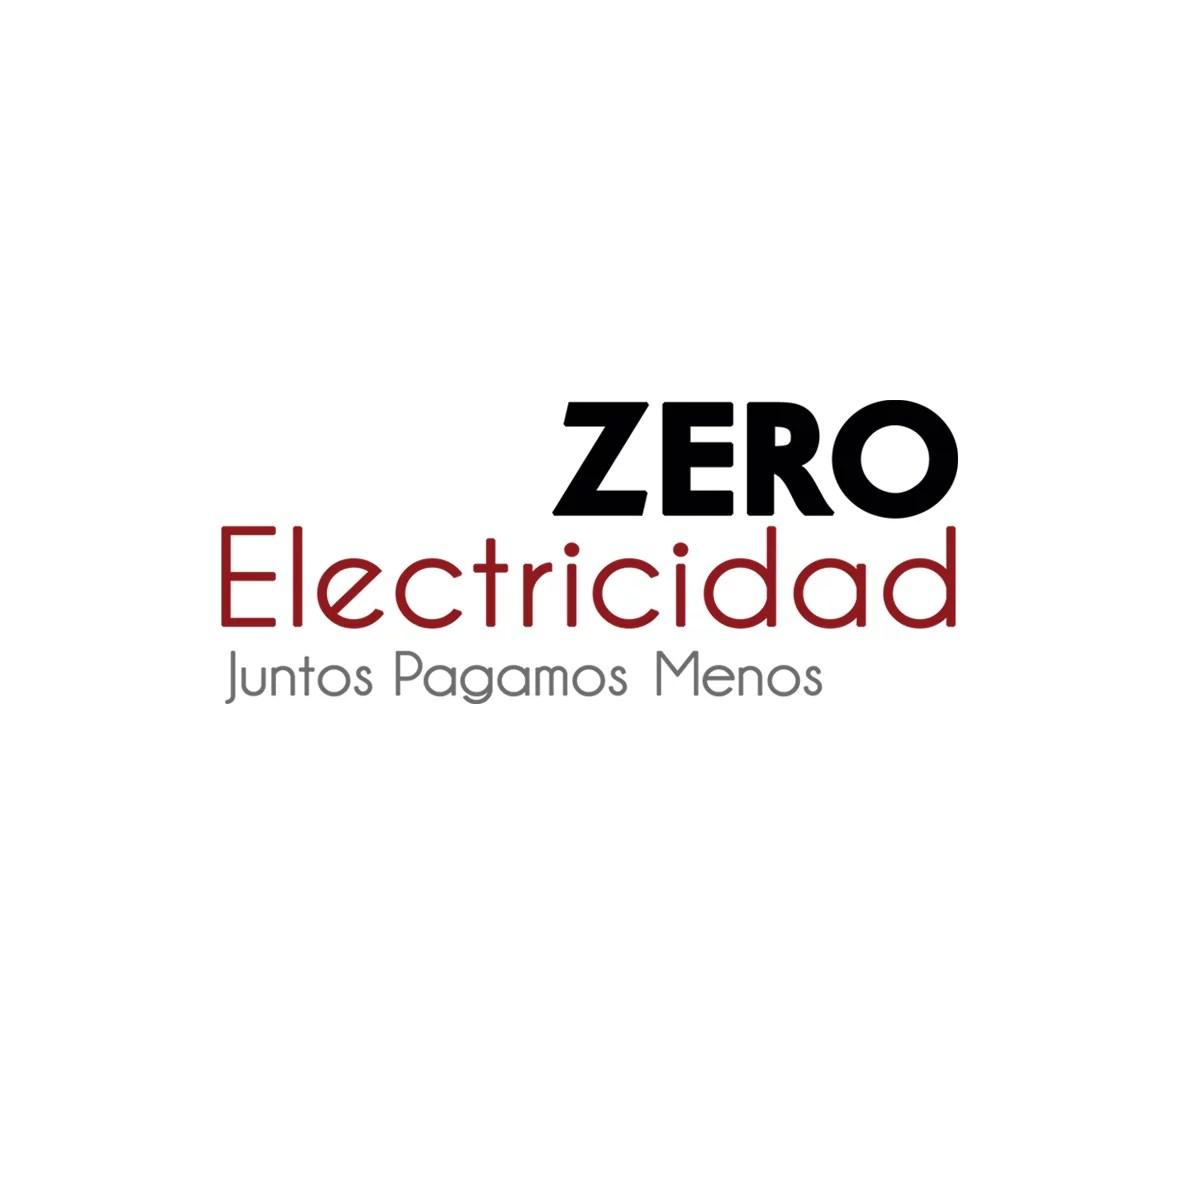 Electricidad Zero Inycia Consultores S L